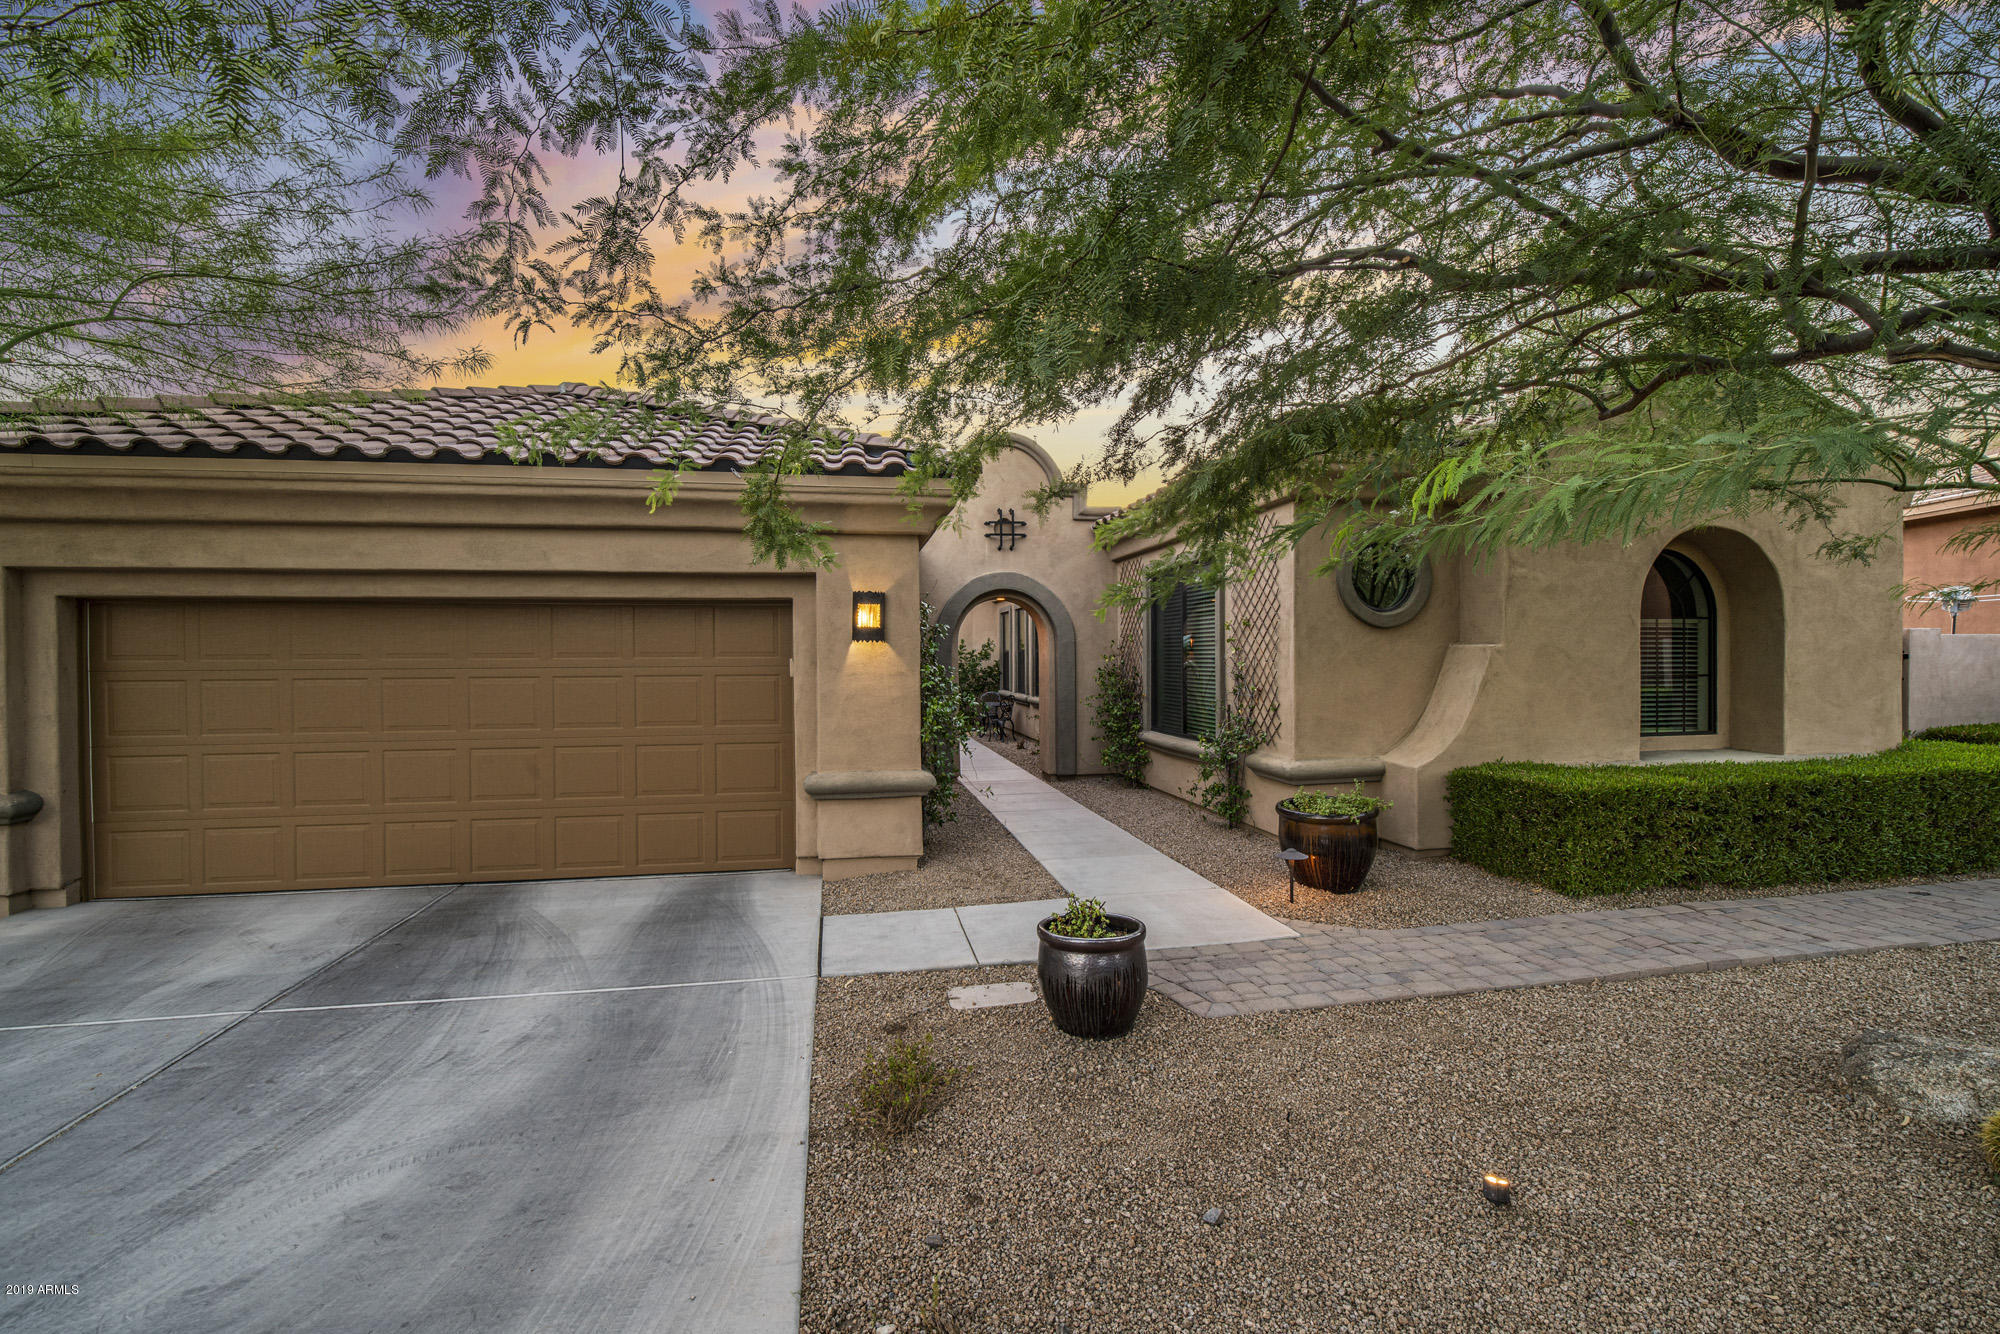 18538 N 97th Way, Scottsdale, Arizona 85255, 4 Bedrooms Bedrooms, ,Residential,For Sale,18538 N 97th Way,6015342